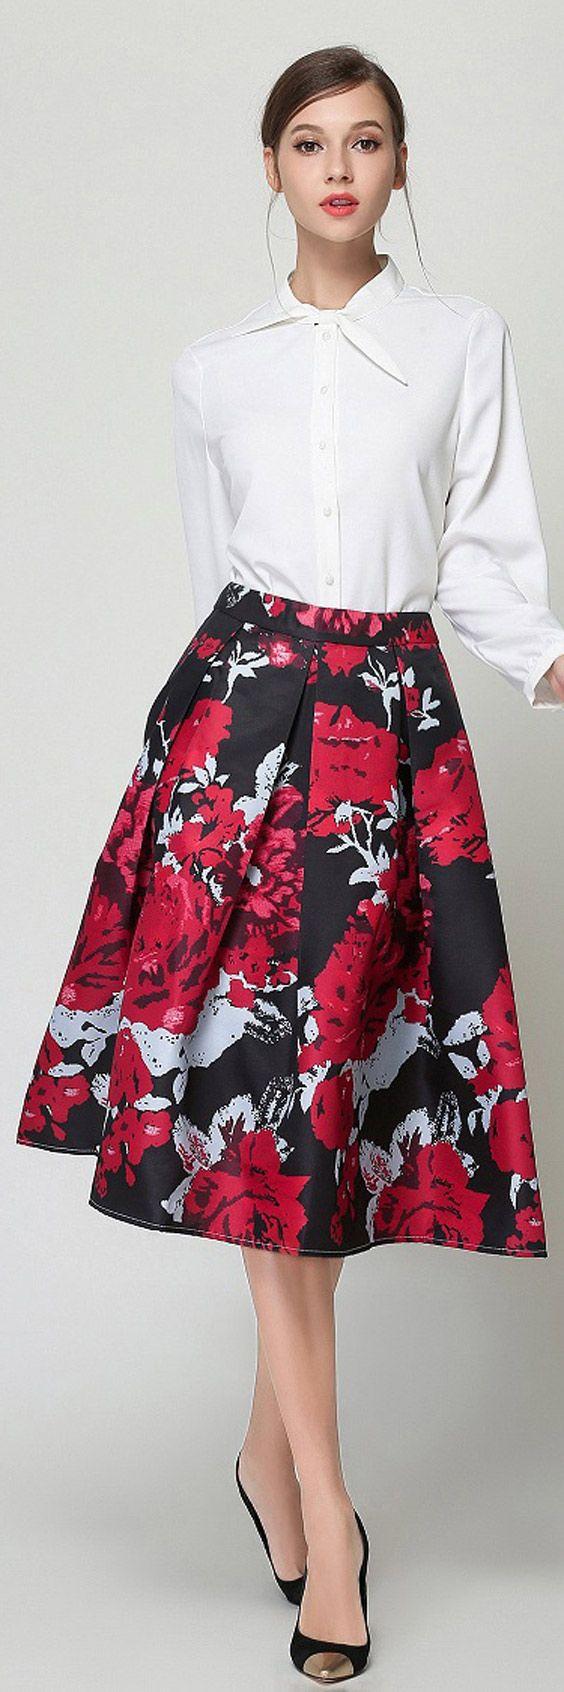 Saia Midi Godê Rodada Evase Estampada Floral Cintura Alta com Pregas Preta Vermelha para Festa Casamento | UFashionShop